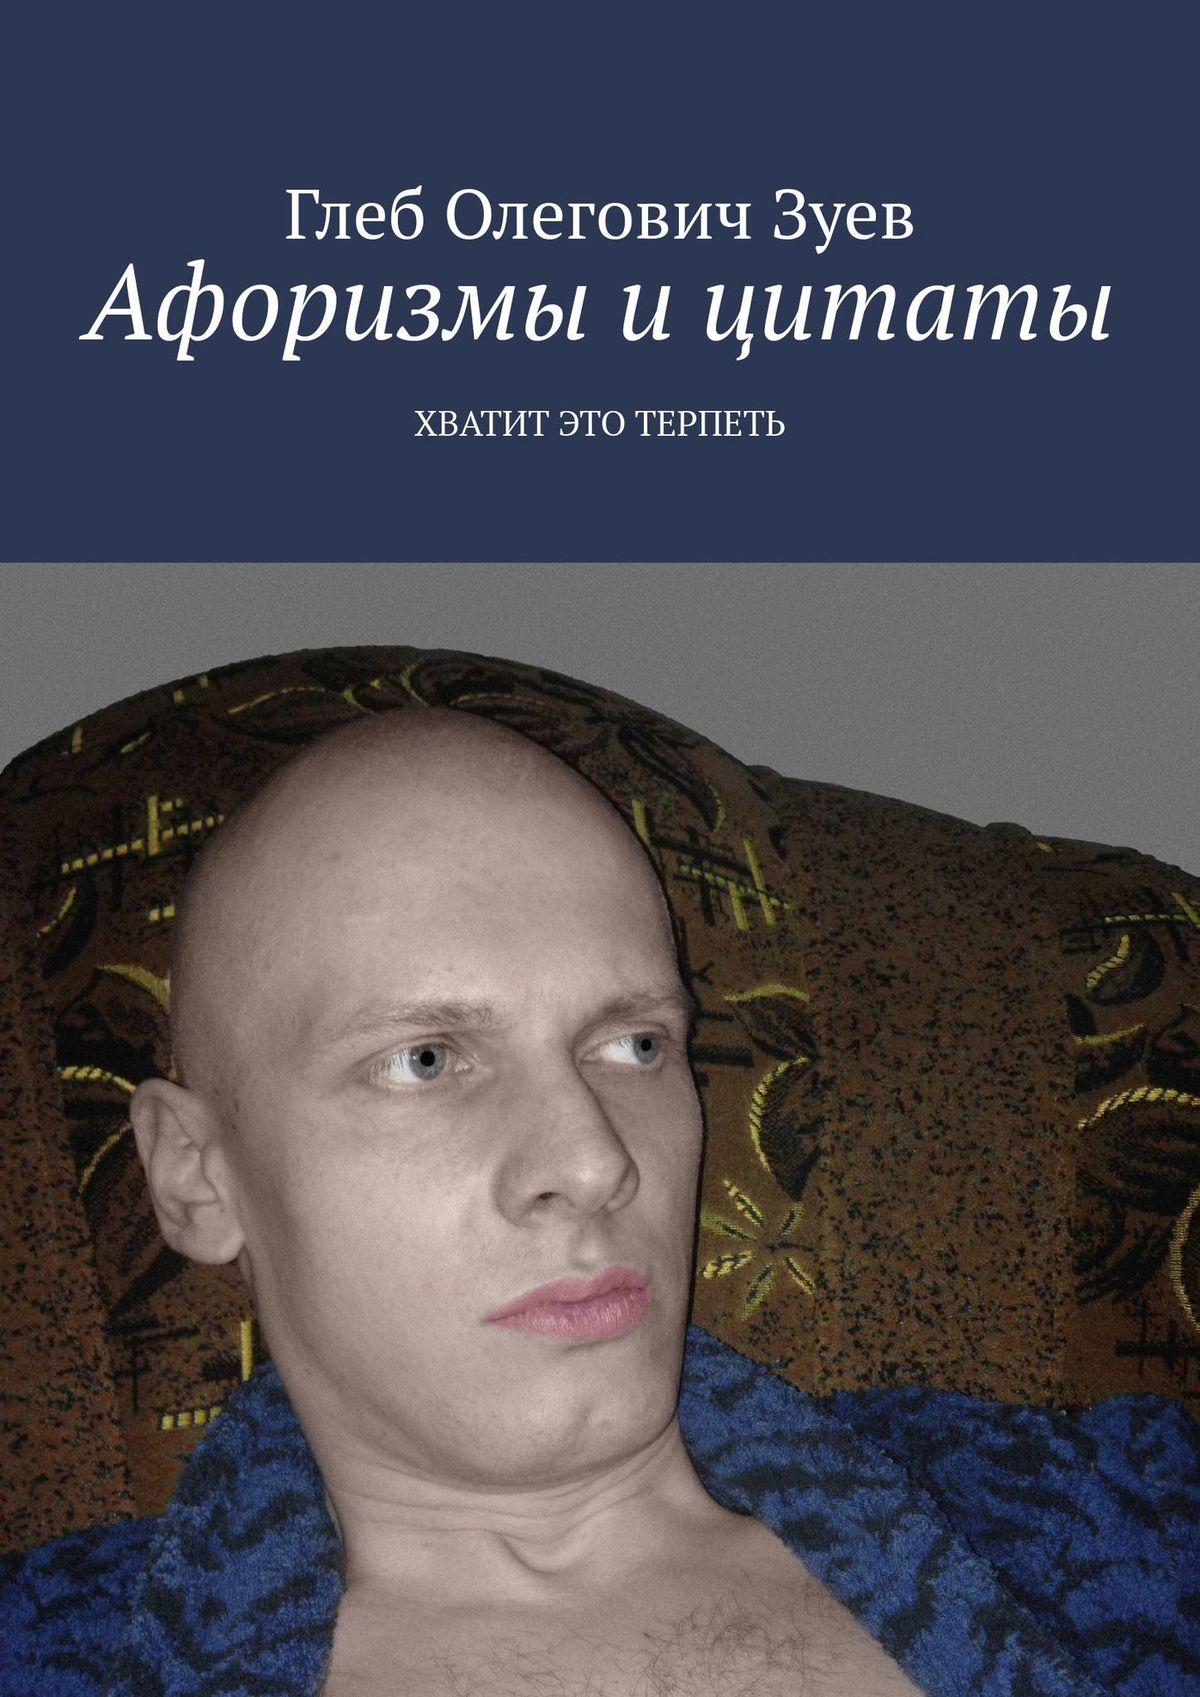 цена на Глеб Олегович Зуев Цитаты иафоризмы Г.О.Зуева